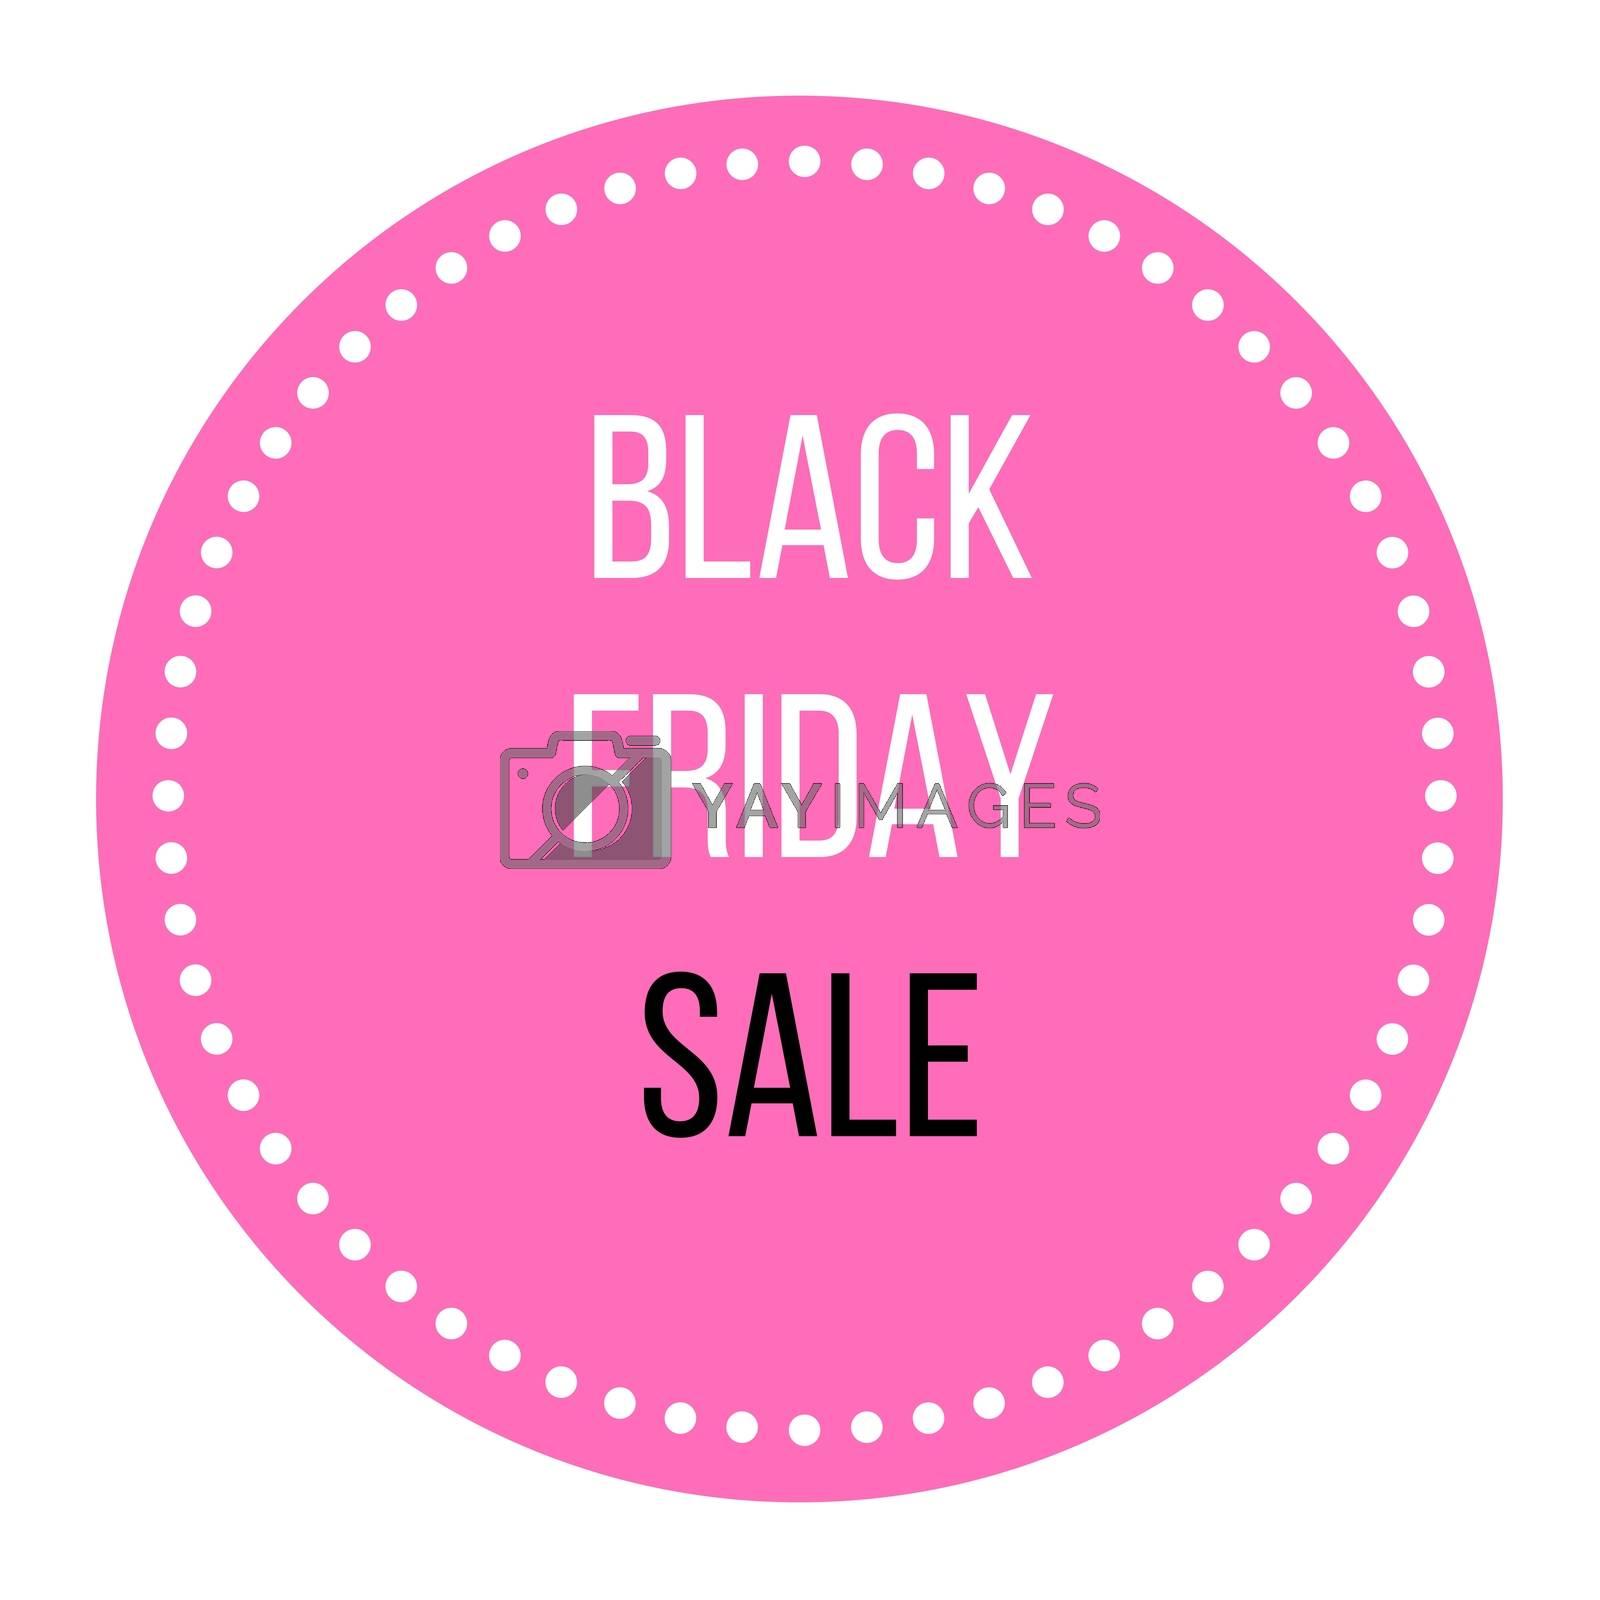 Black Friday sale : Enjoy luxury shopping digital sign by Lordalea